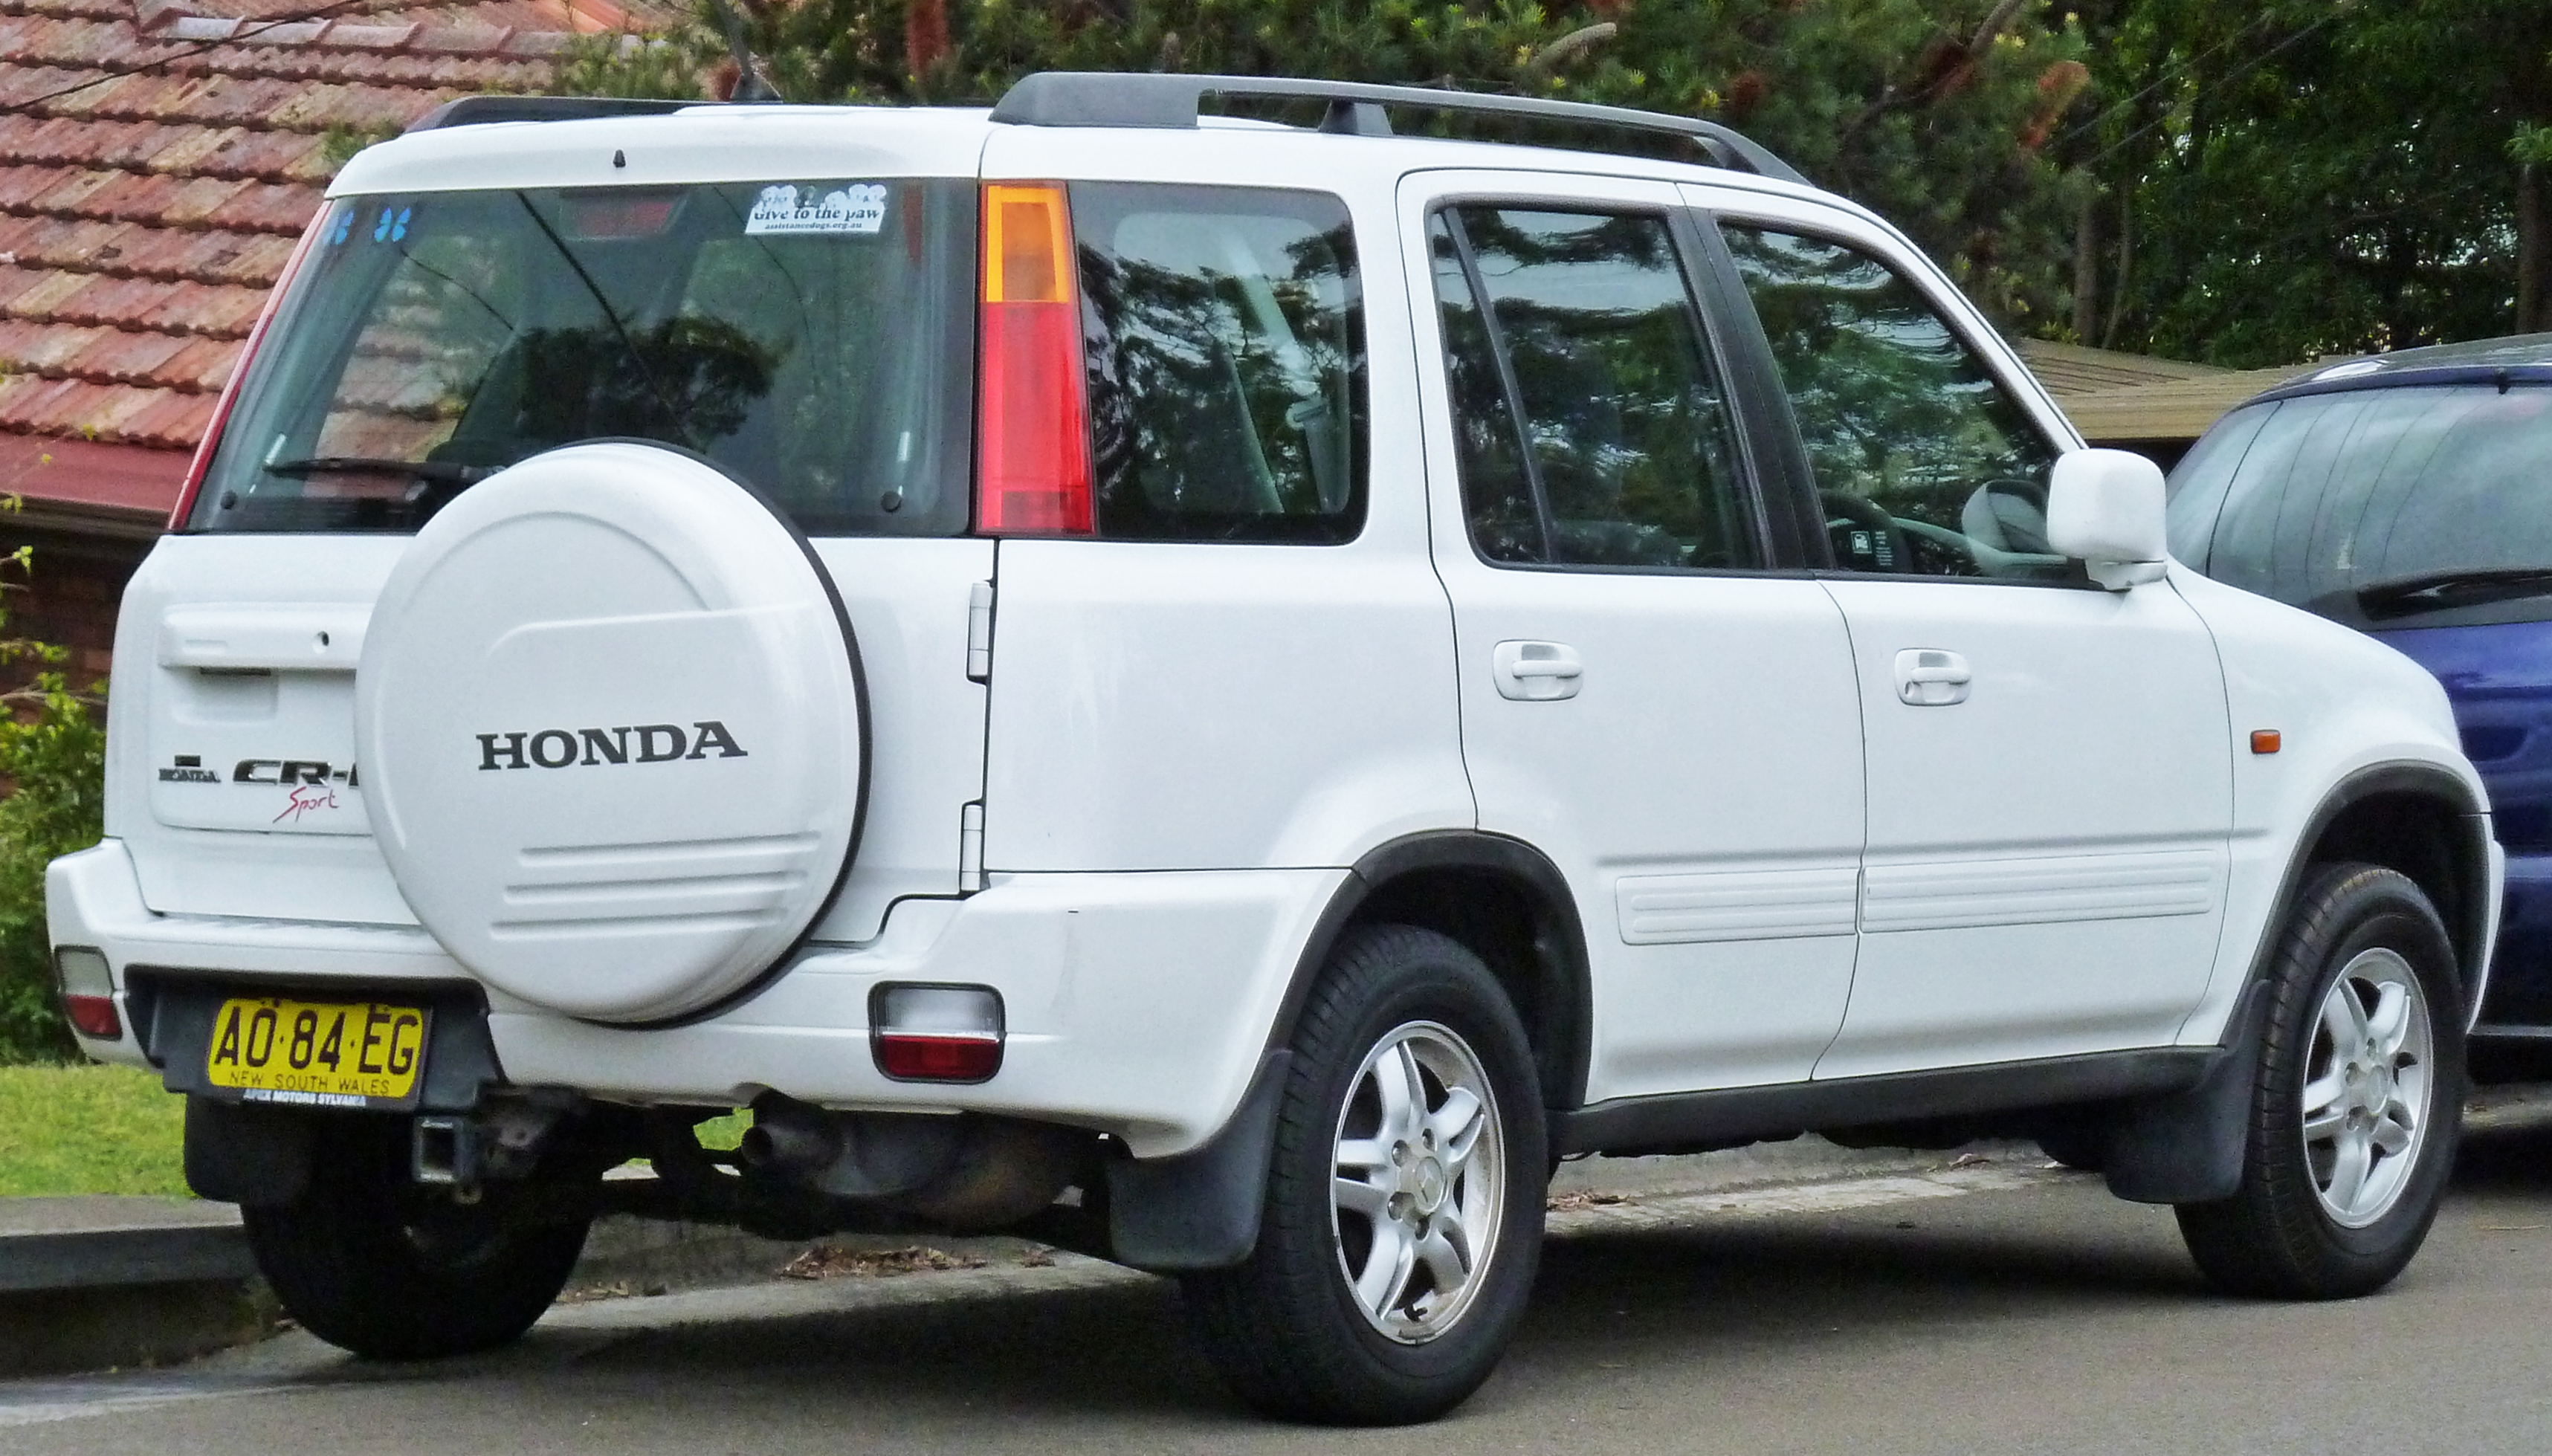 Хонда срв 2000 фото